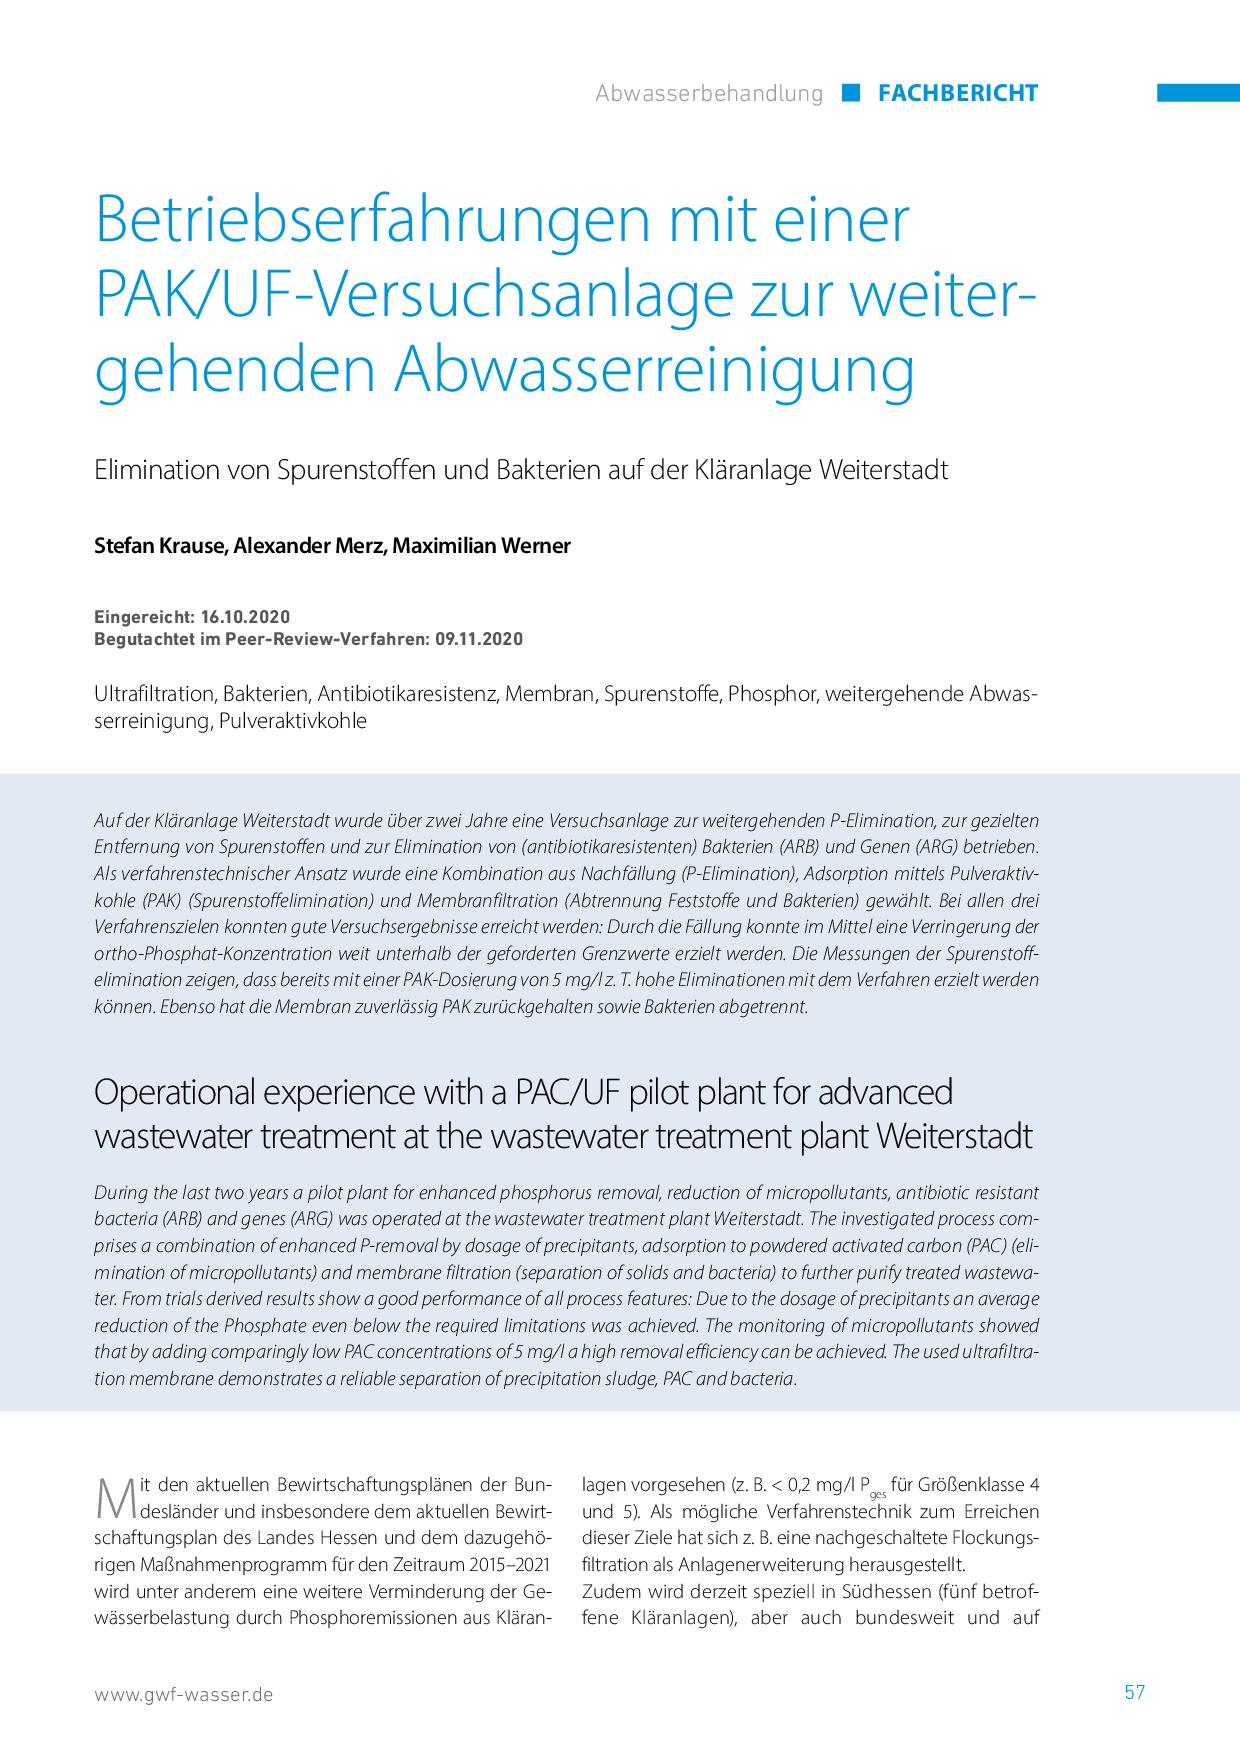 Betriebserfahrungen mit einer PAK/UF-Versuchsanlage zur weitergehenden Abwasserreinigung